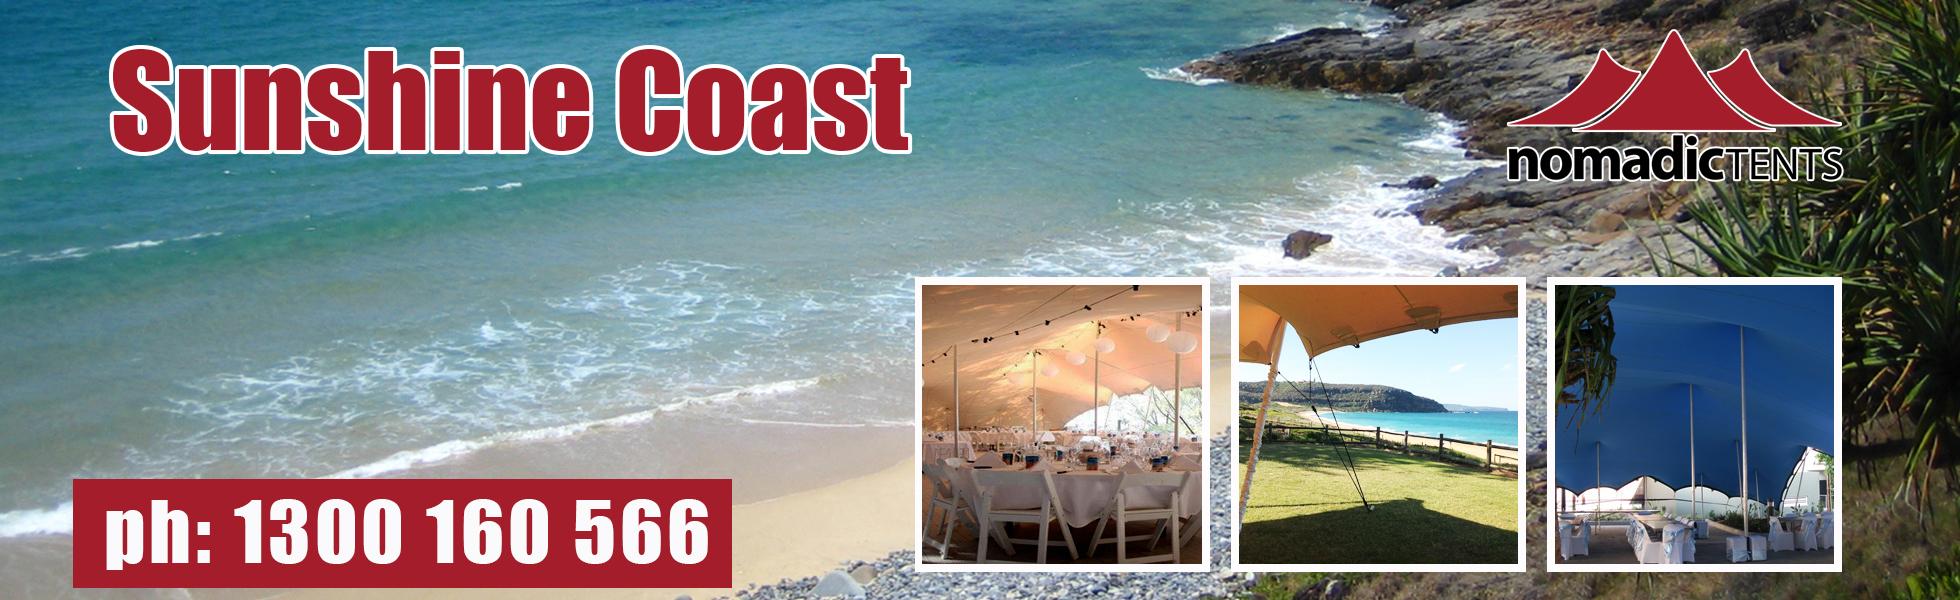 Nomadic Tents in Sunshine Coast